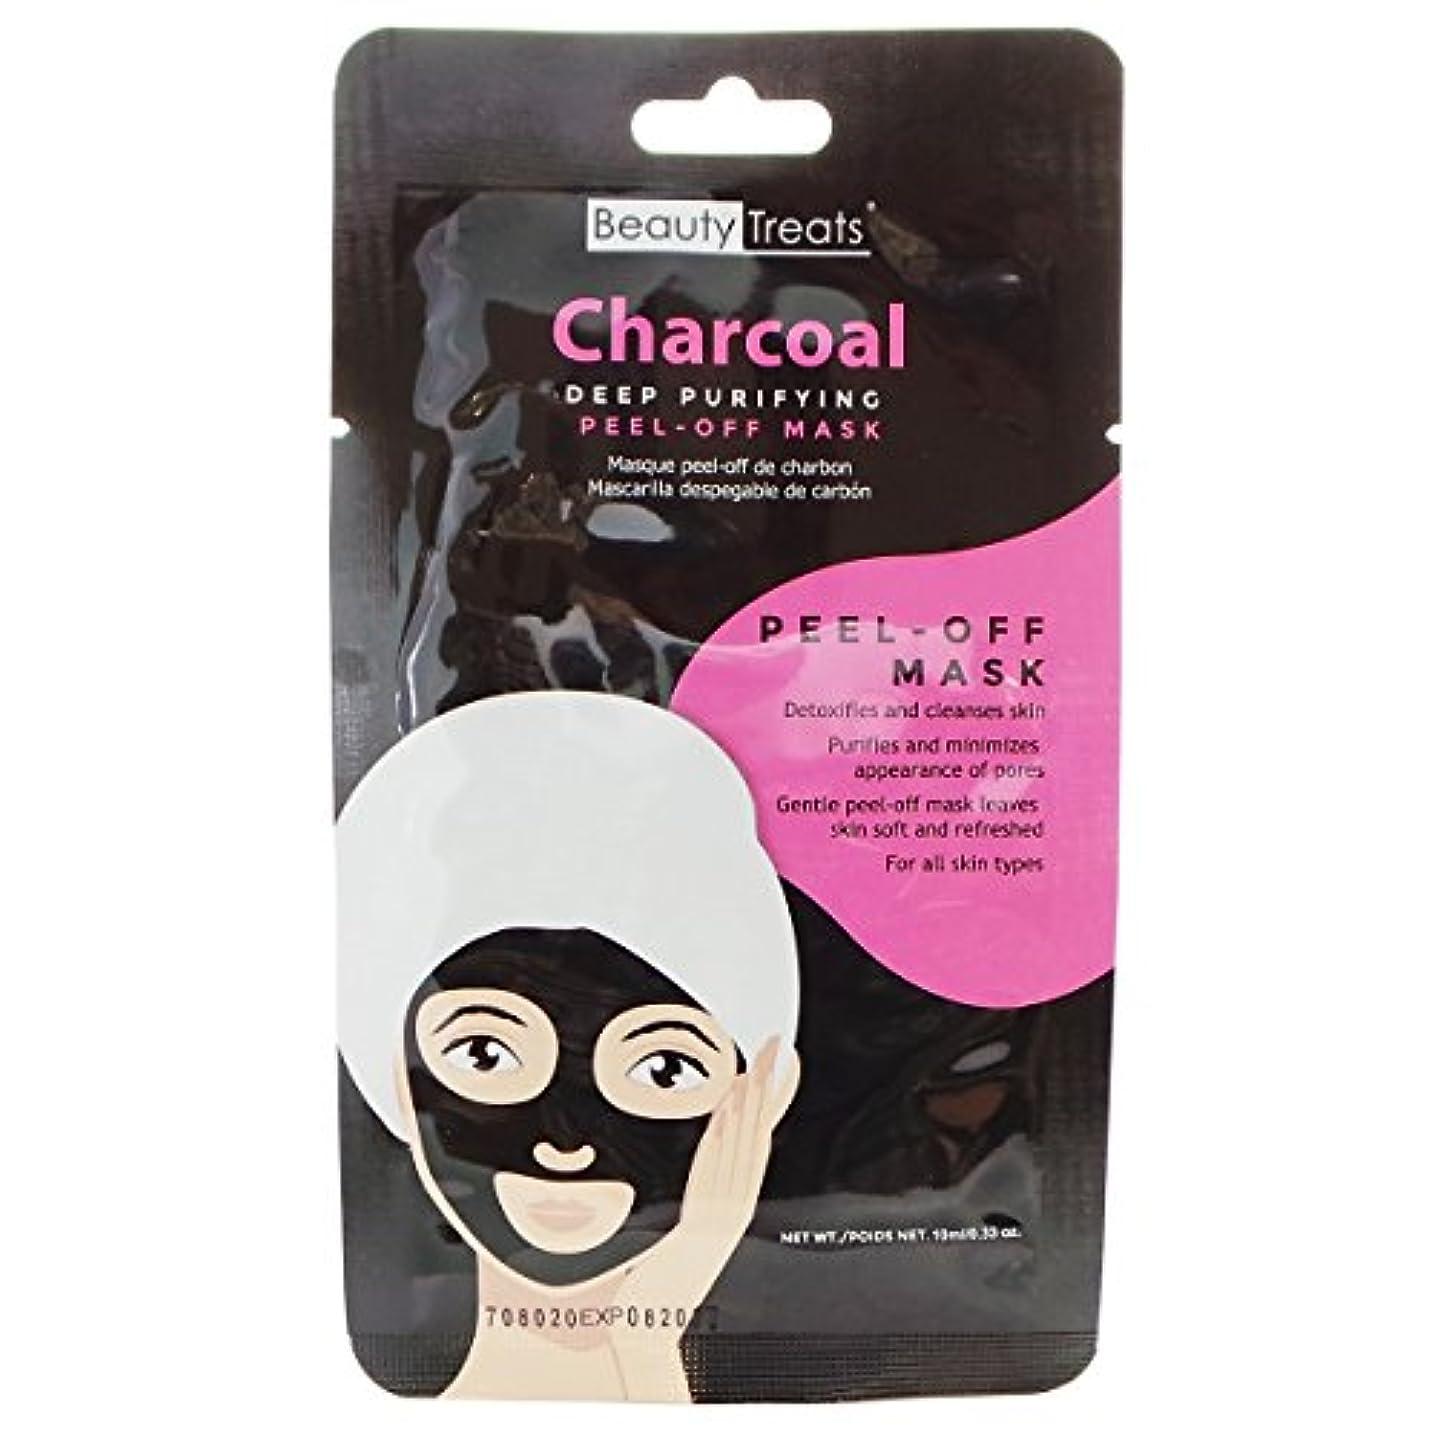 ブラザー泣き叫ぶ侵入するBEAUTY TREATS Deep Purifying Peel-Off Charcoal Mask (並行輸入品)